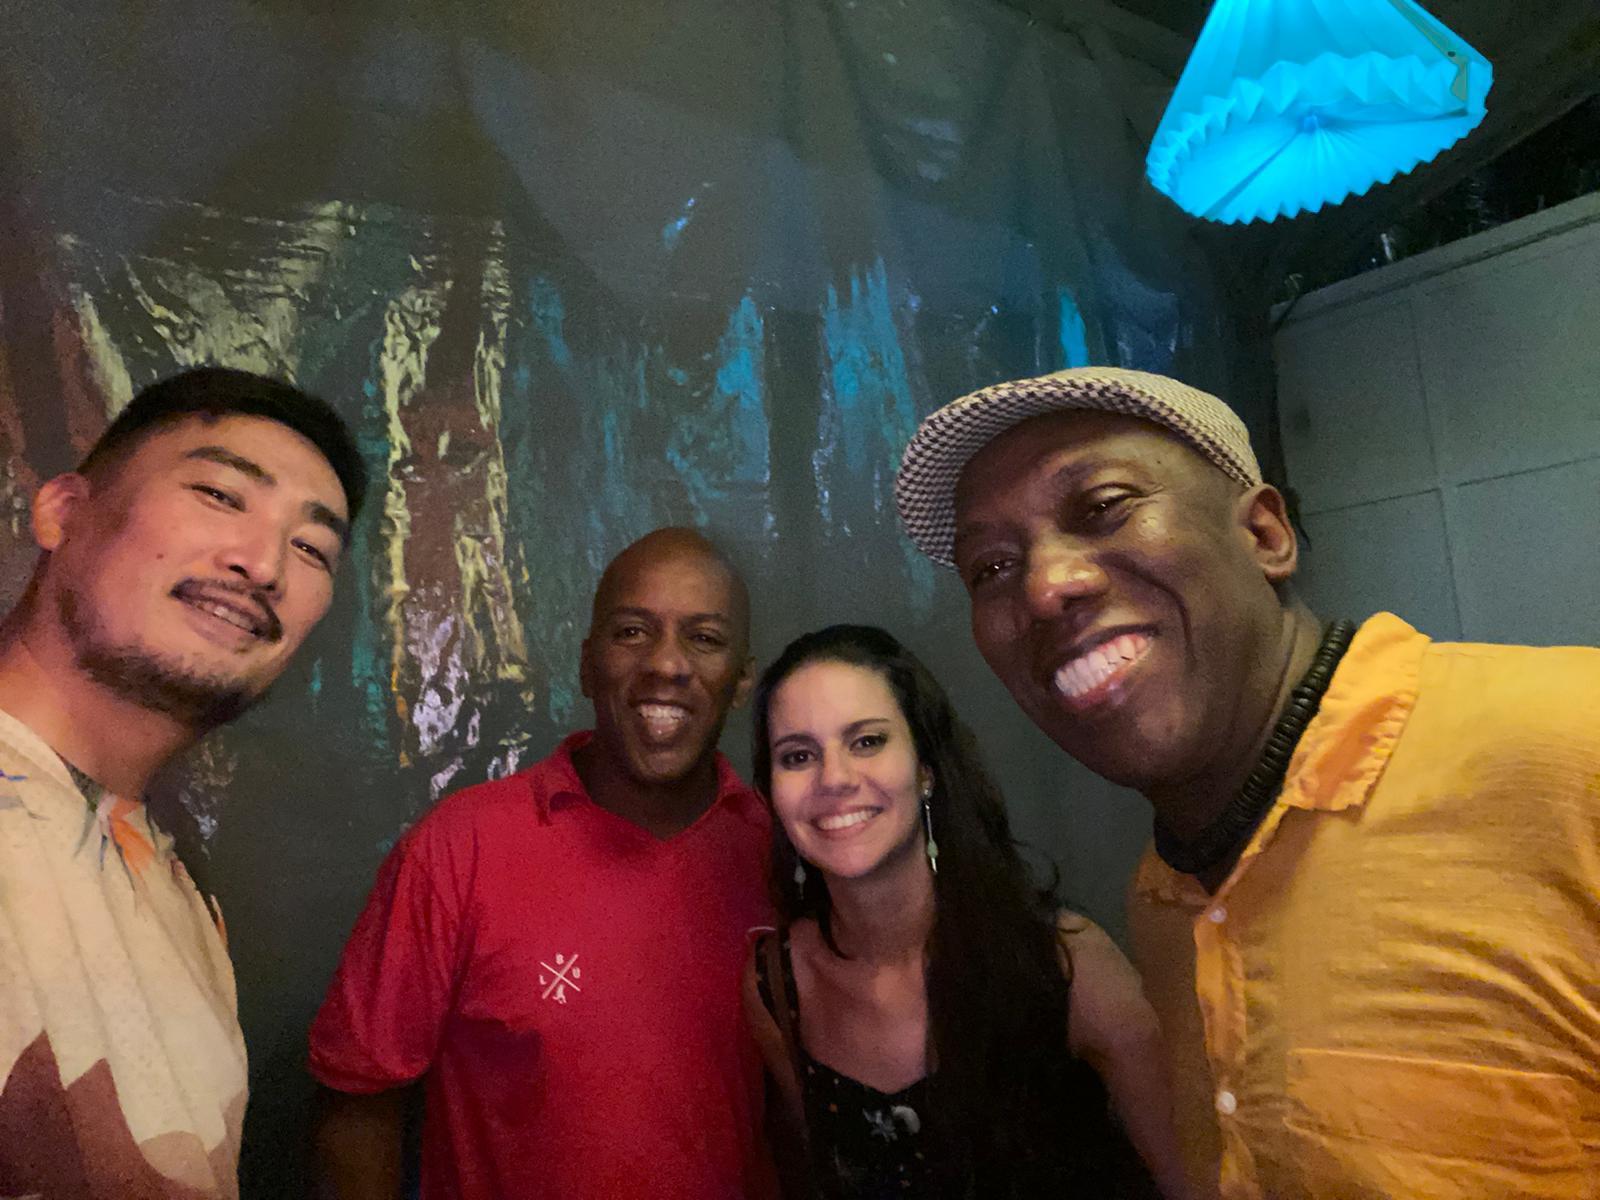 【本場RIOの本物のSambistaの作品に参加♬】 #MingoSilva ミンゴ・シウヴァ Samba do Trabalhadorメンバー/ブラジル音楽大賞受賞者_b0032617_22101025.jpg